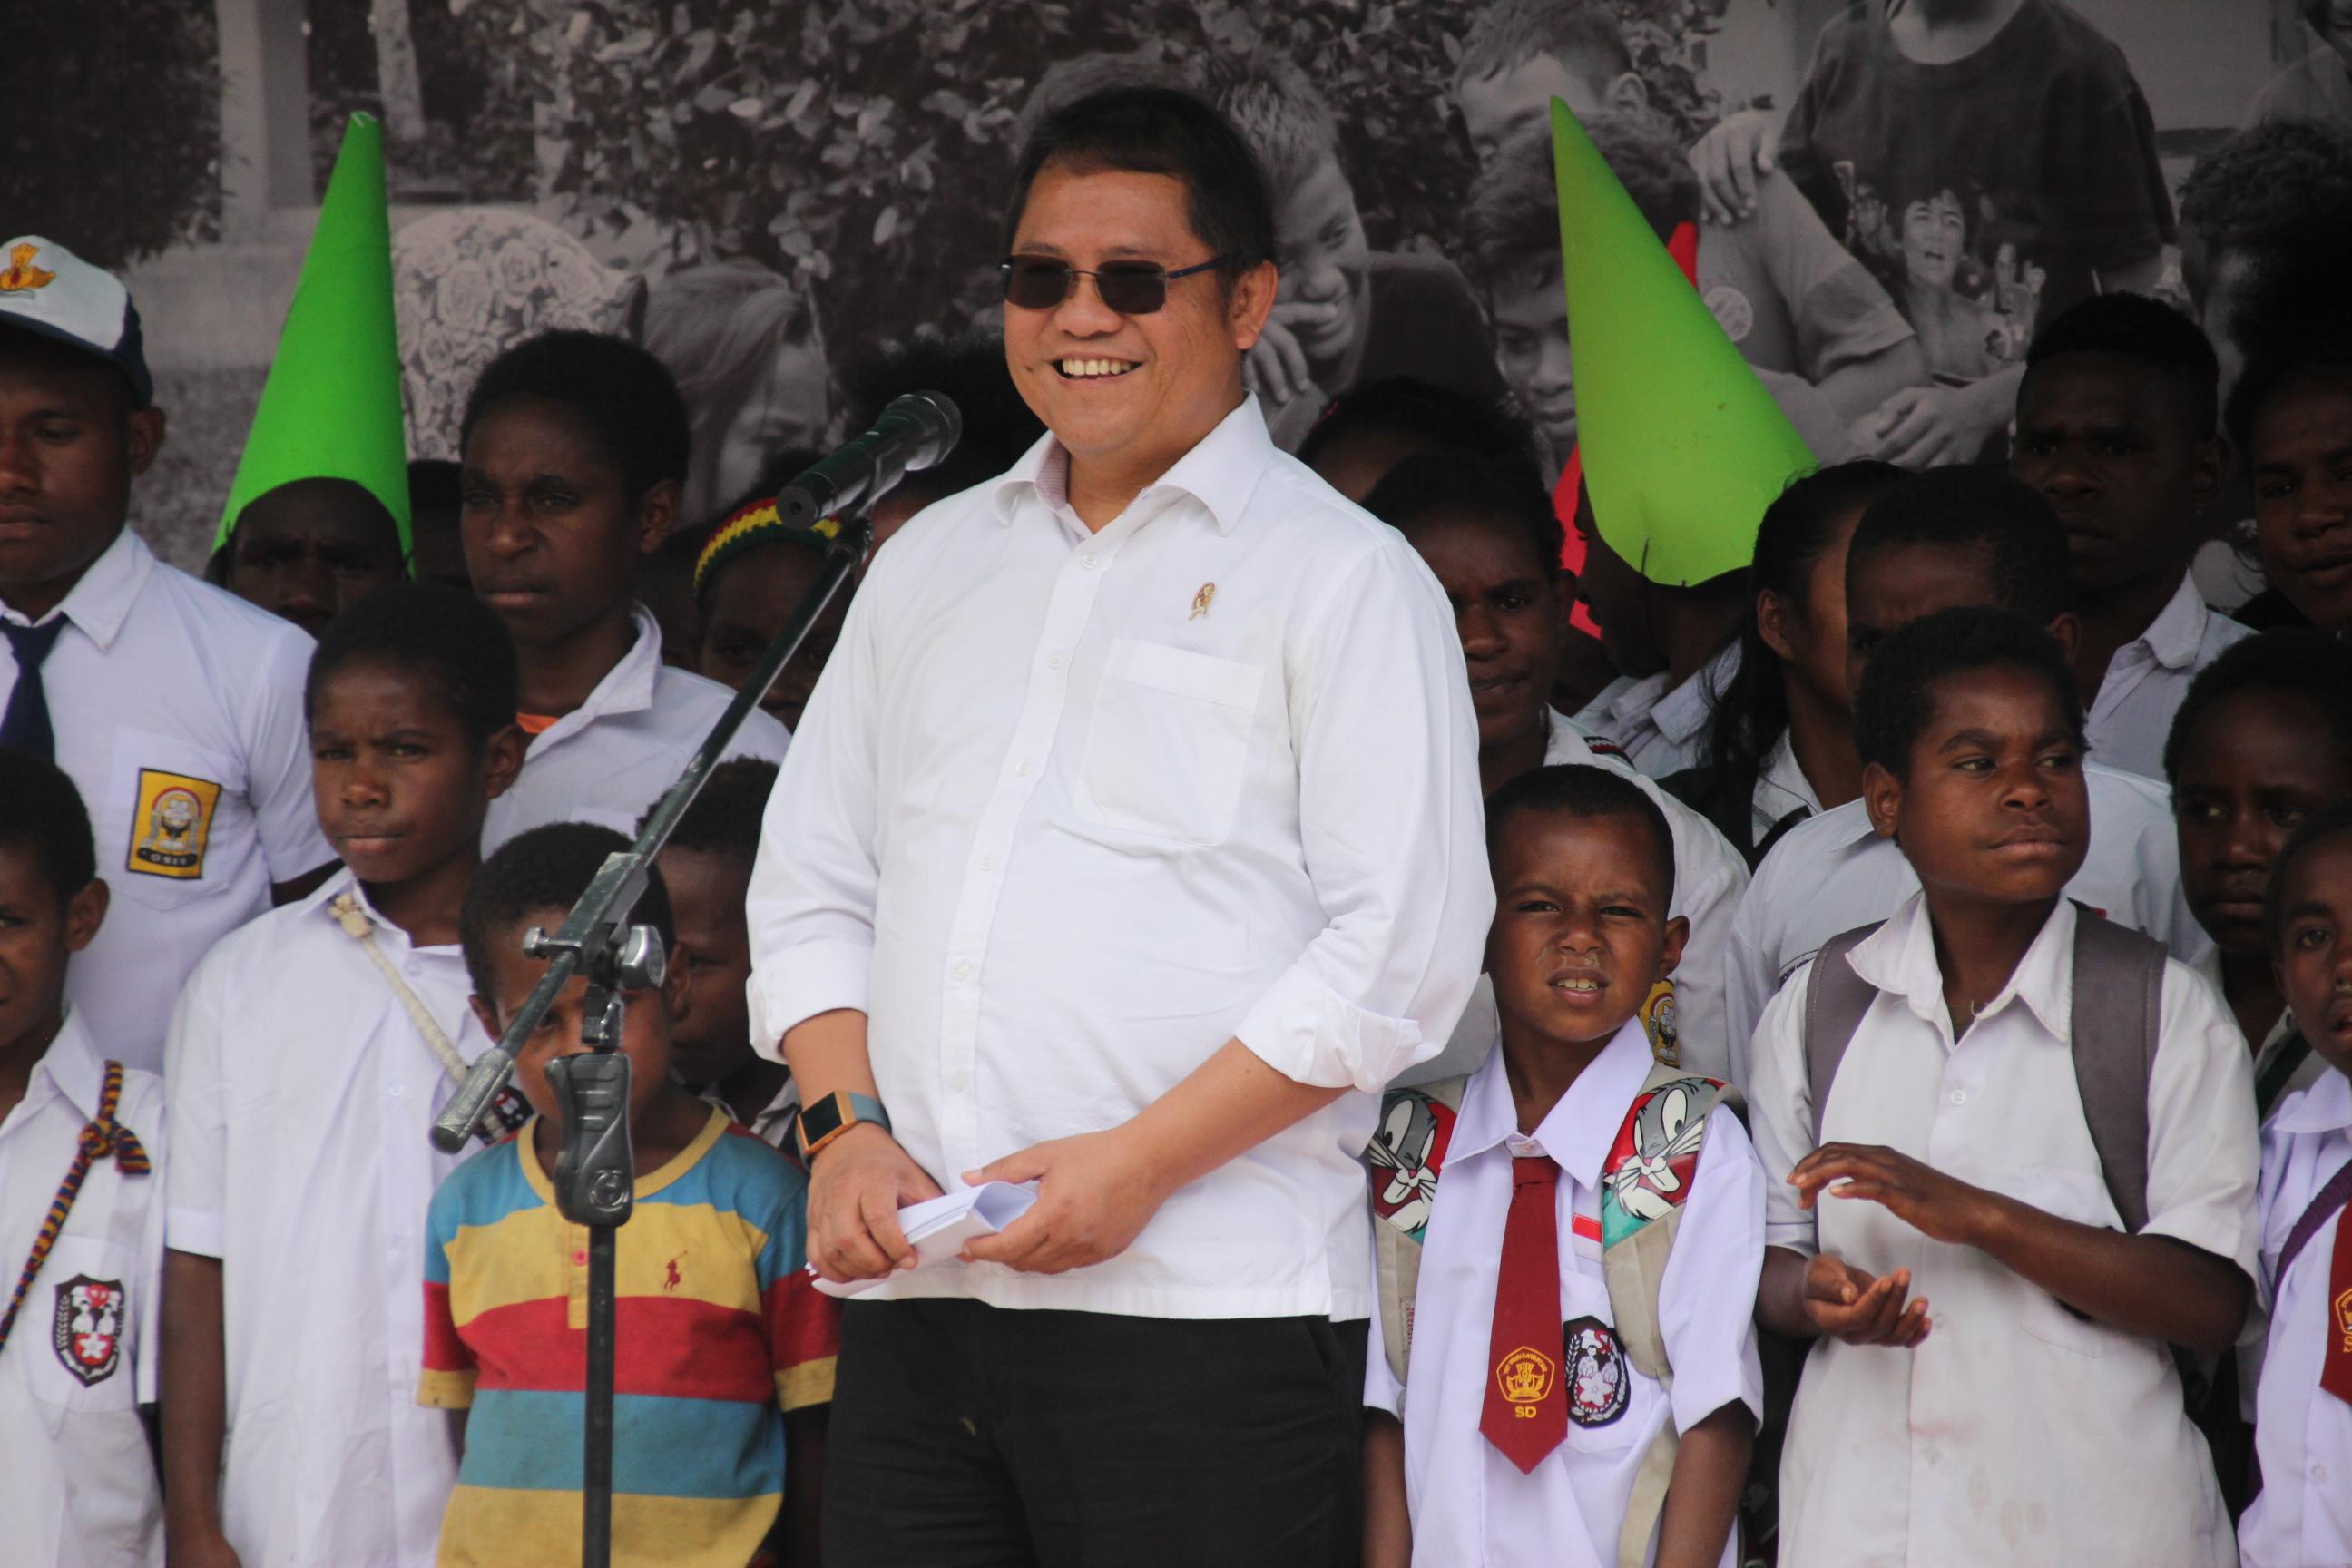 Menteri Kominfo Rudiantara saat memberikan sambutannya bersama siswa-siswi SD, SMP dan SMA pada Kunjungan ke Kabupaten Puncak Jaya